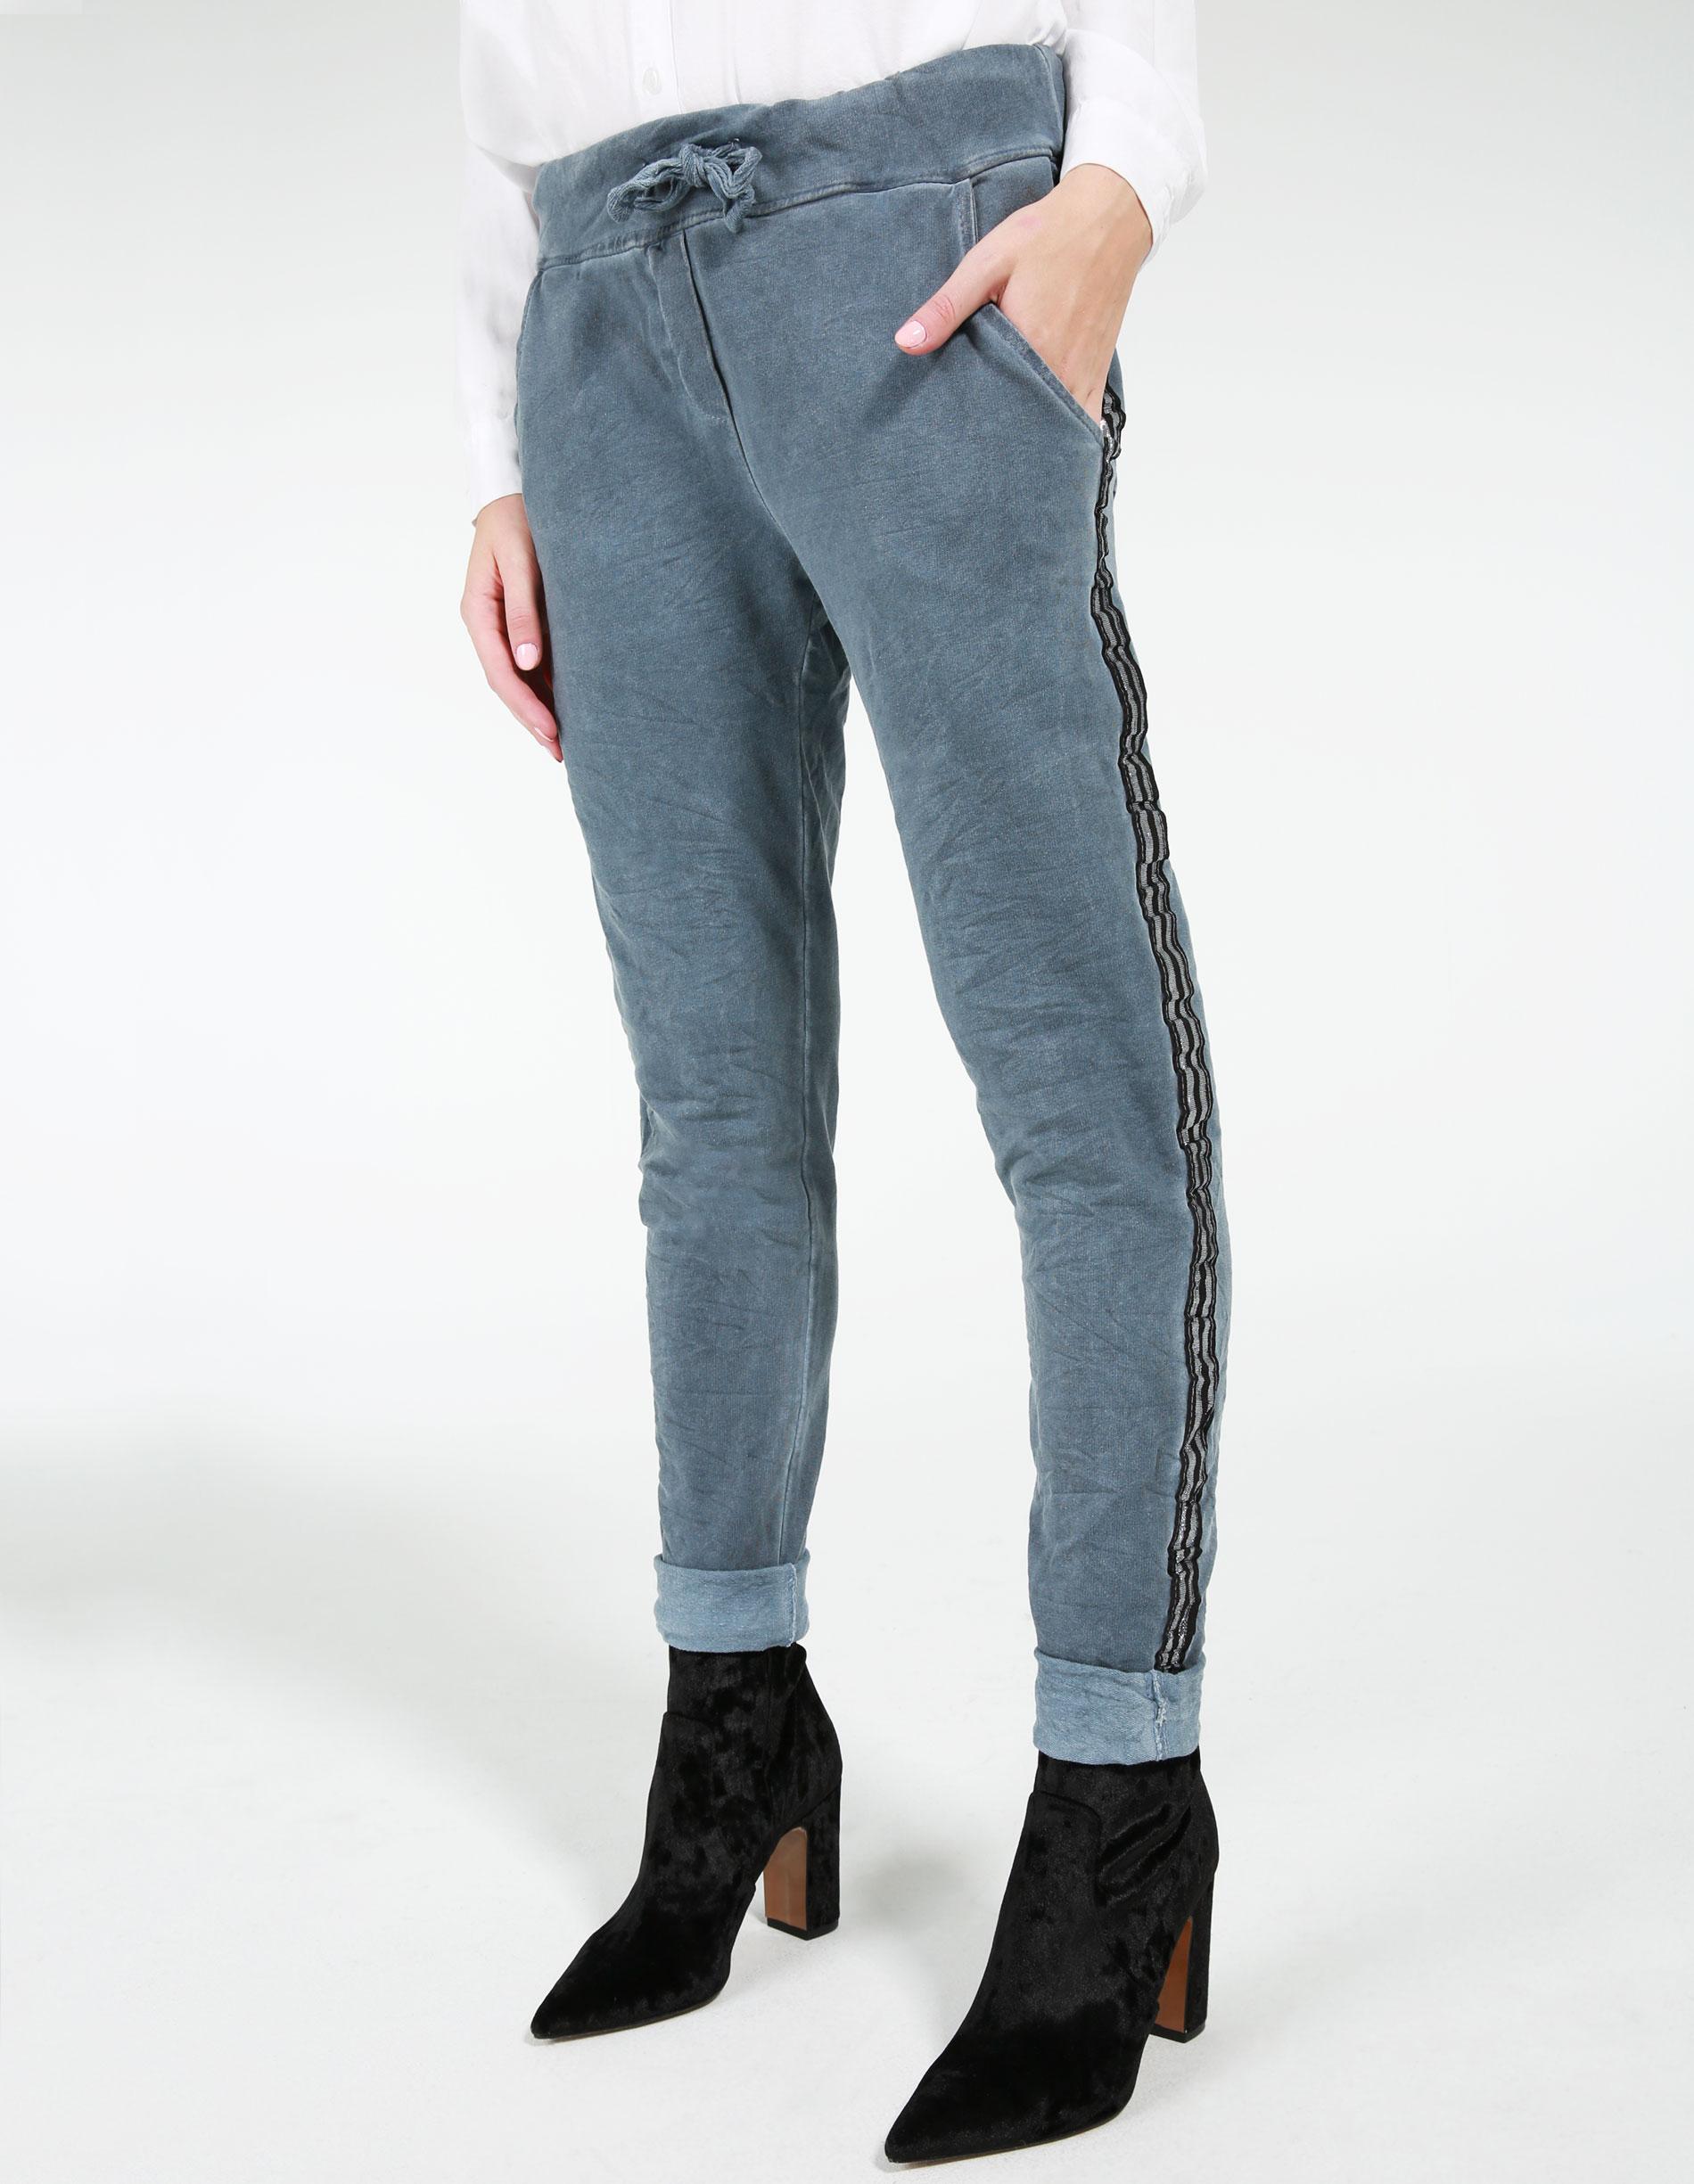 Spodnie - 158-2050 BLSC - Unisono